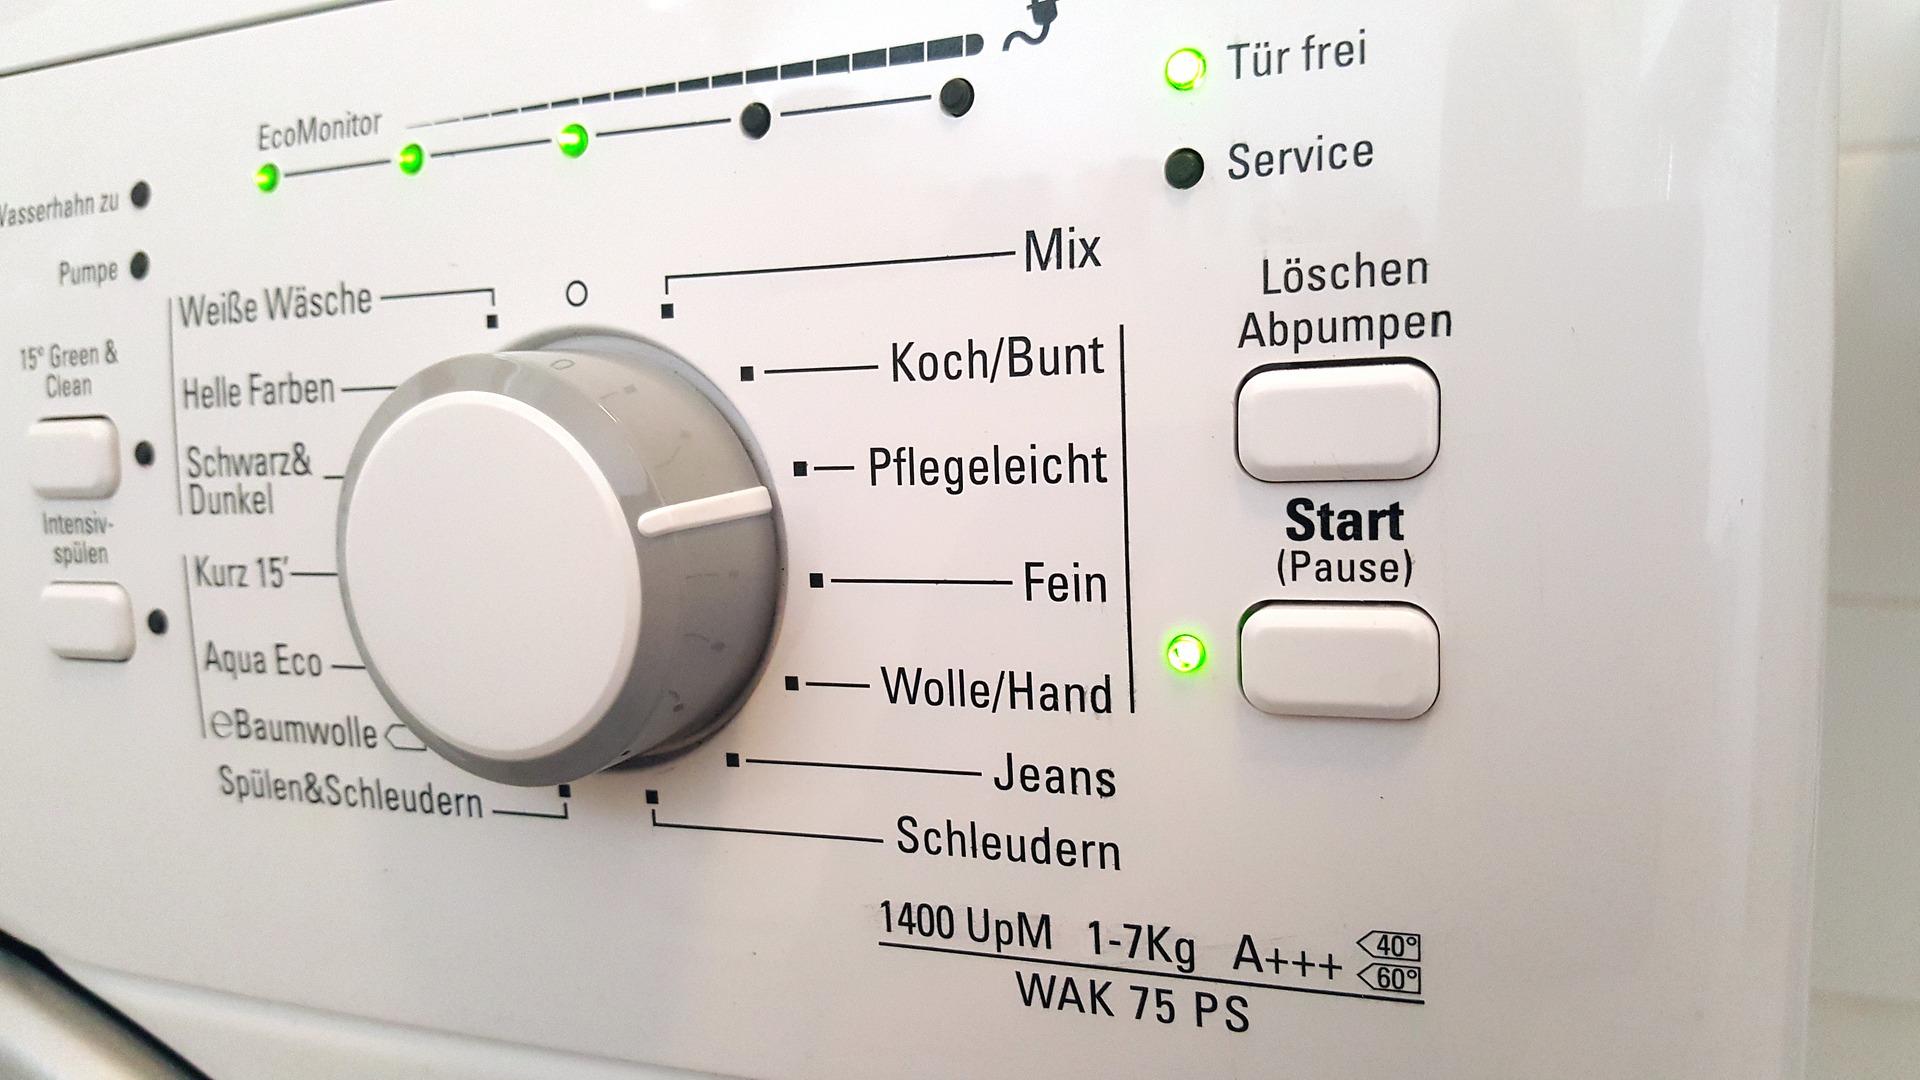 Bedienungsfeld einer Waschmaschine